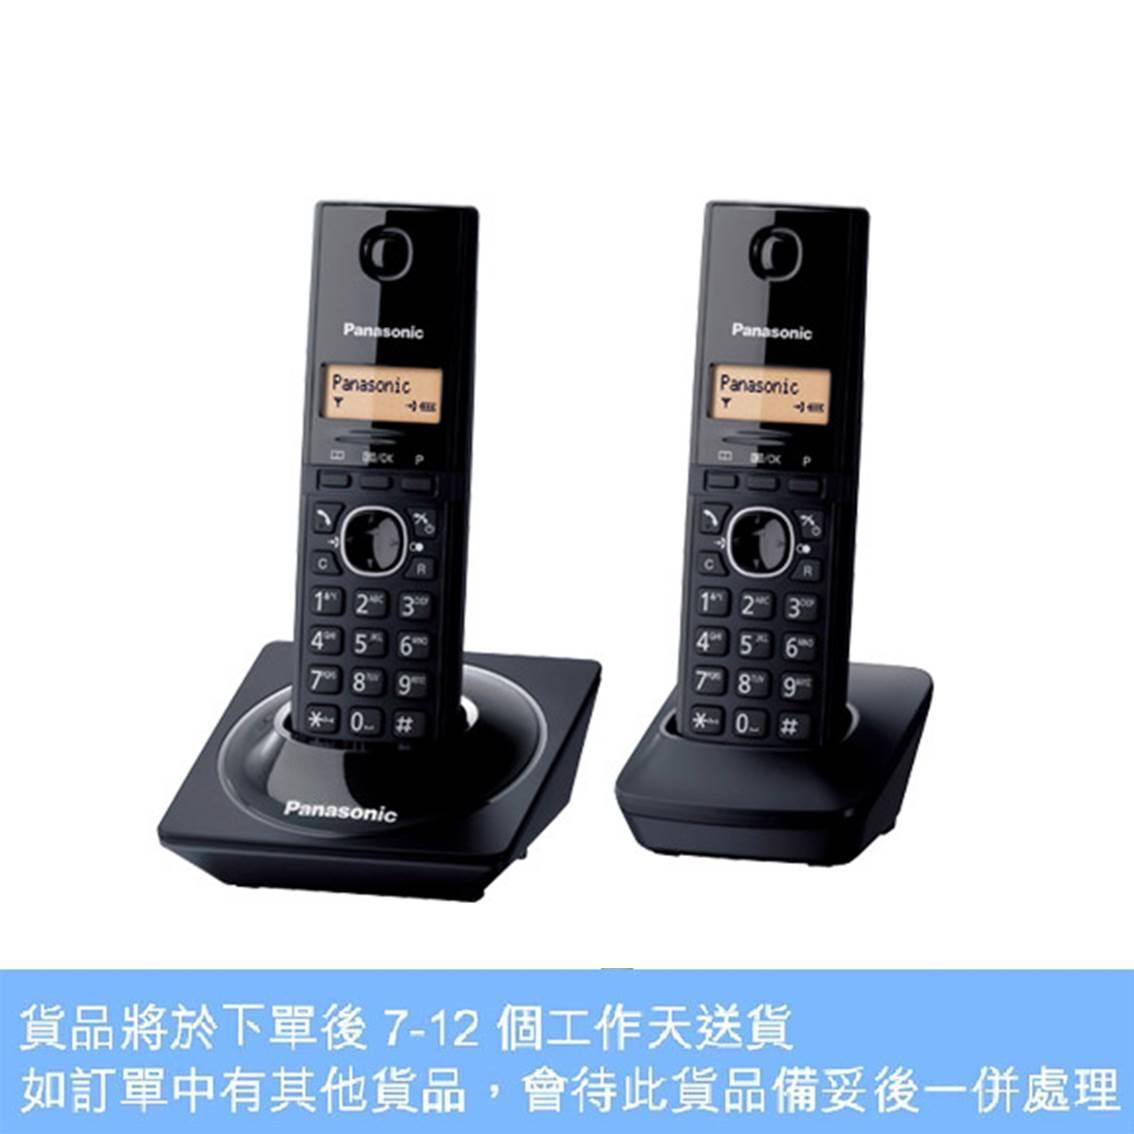 樂聲數碼室內無線電話